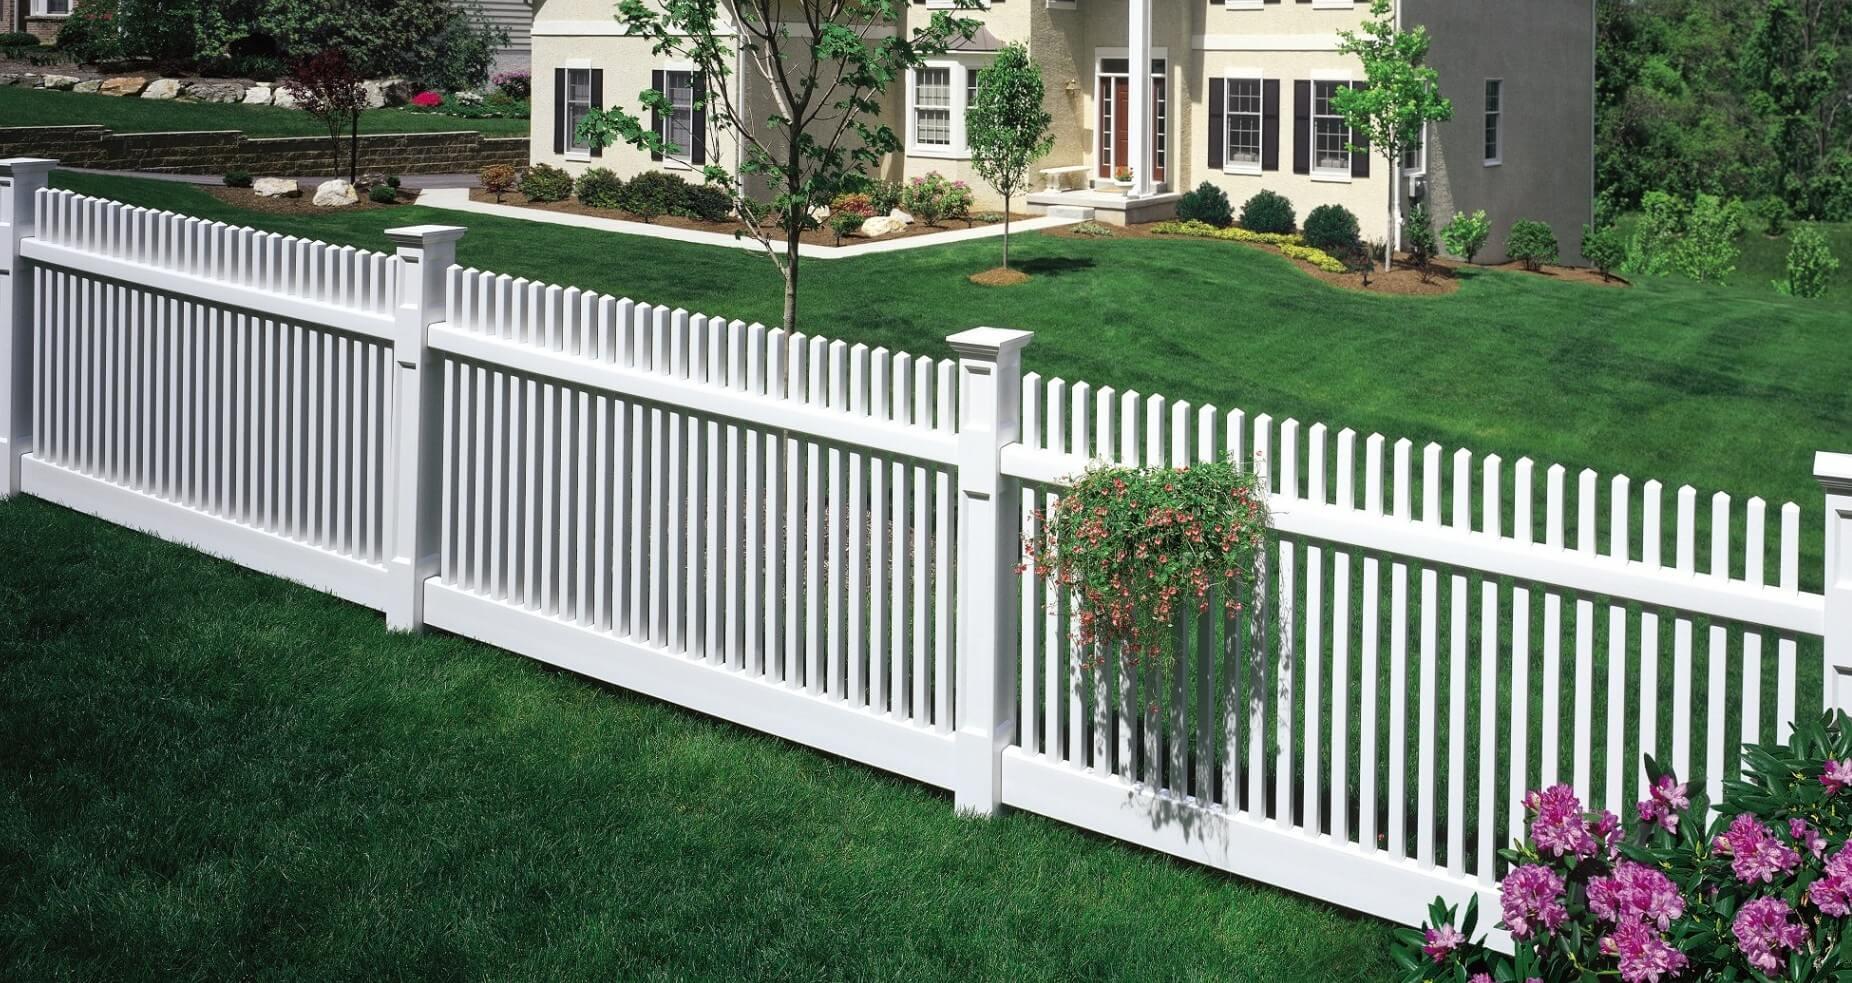 גדר לבנה לבתים פרטיים